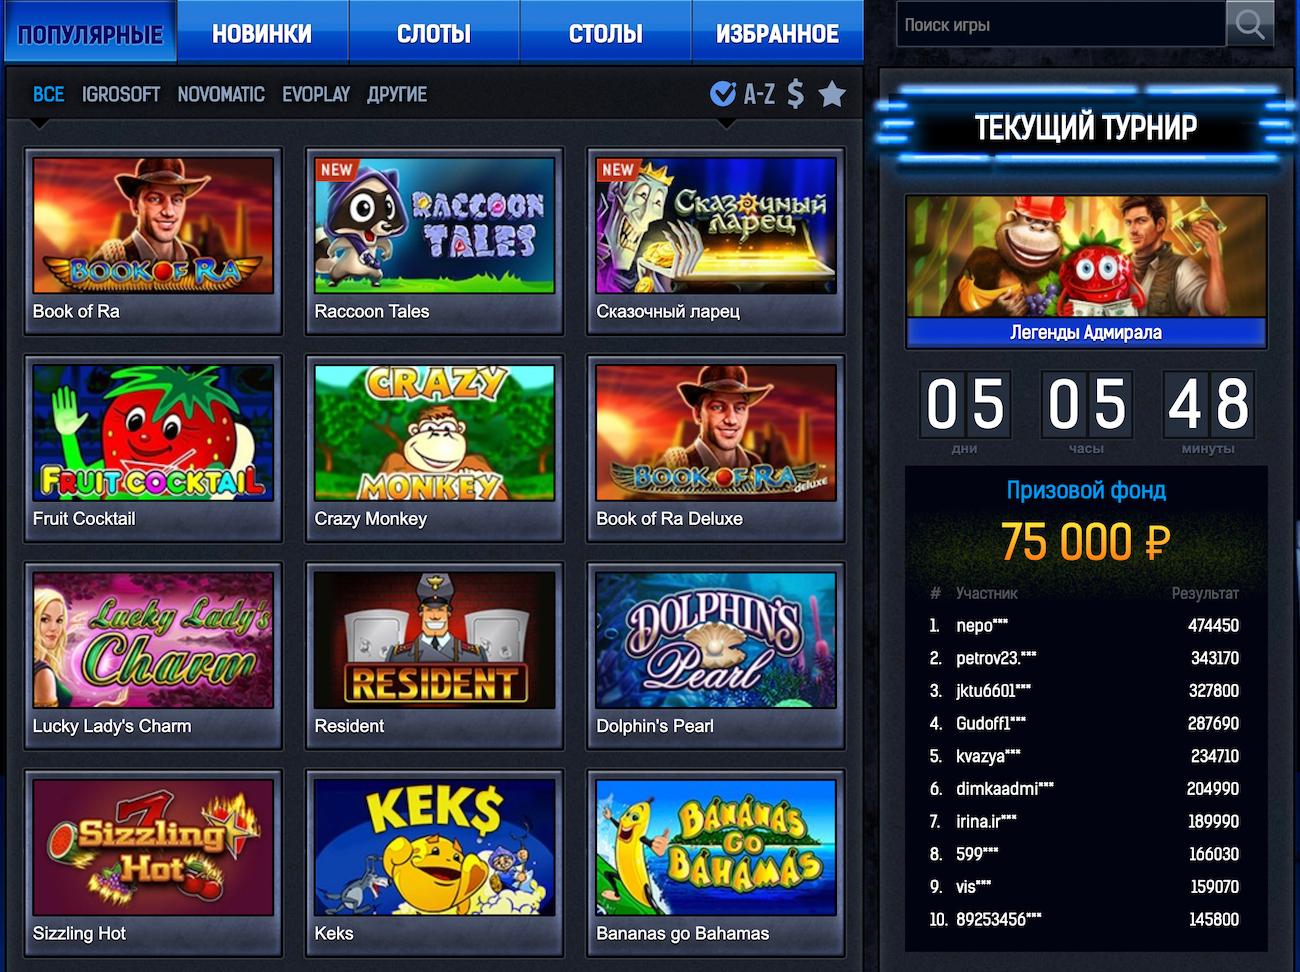 Игровые автоматы белгород порно в карты играть онлайн бесплатно